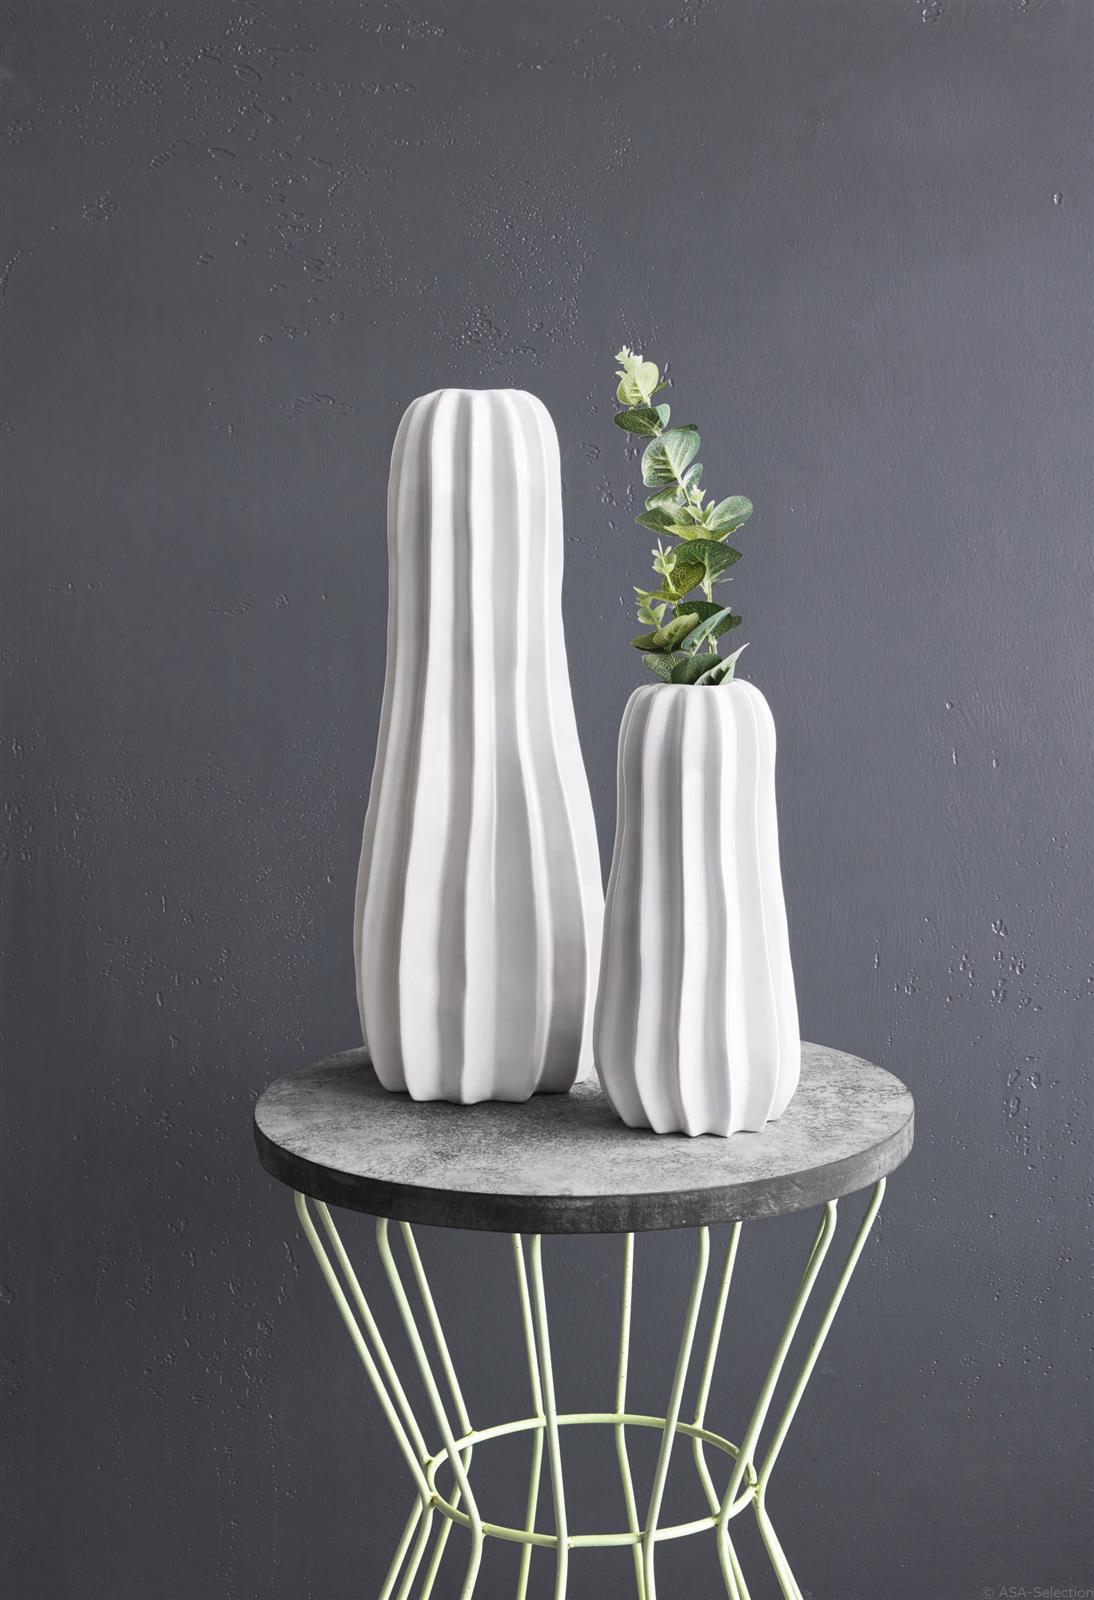 Kaktus Vase Weiss 42cm Von Asa